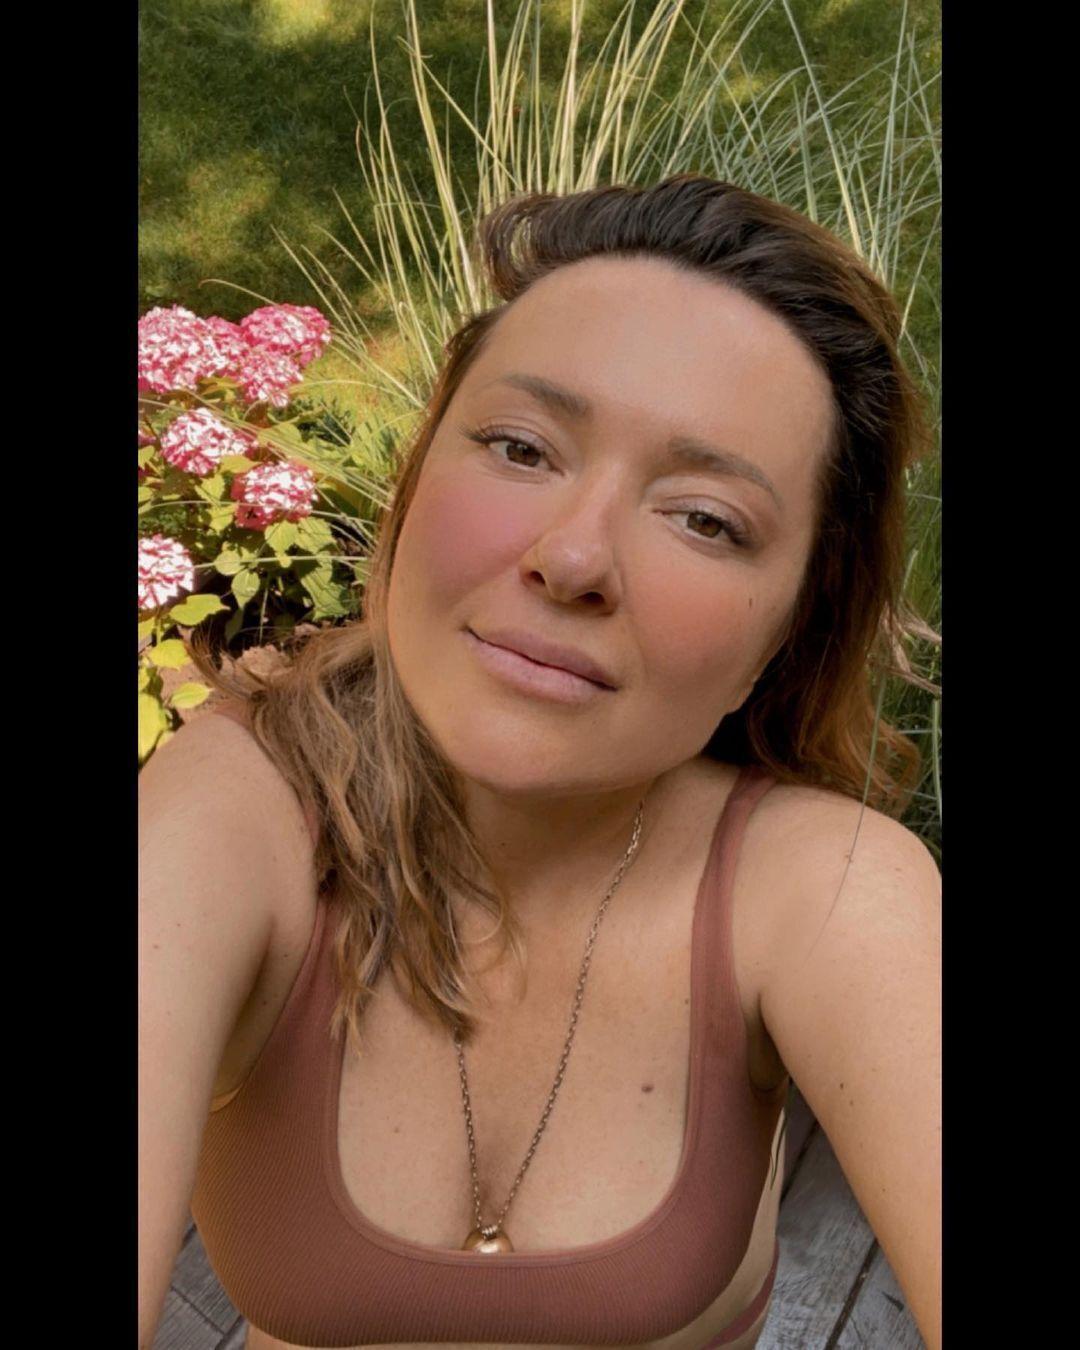 Могилевська влаштувала собі фотосесію в короткому топі